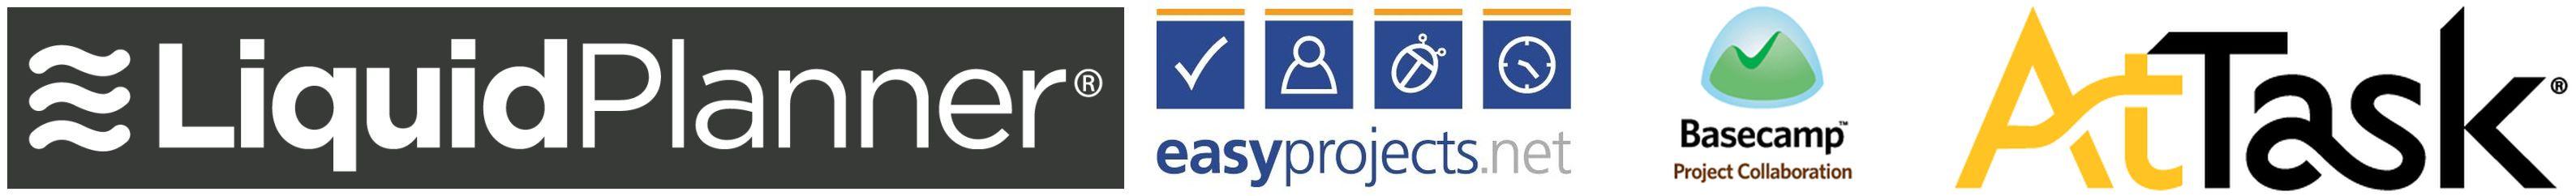 Entornos colaborativos. Gestores de proyectos. LiquidPlanner, EasyProjects, Basecamp, AtTask